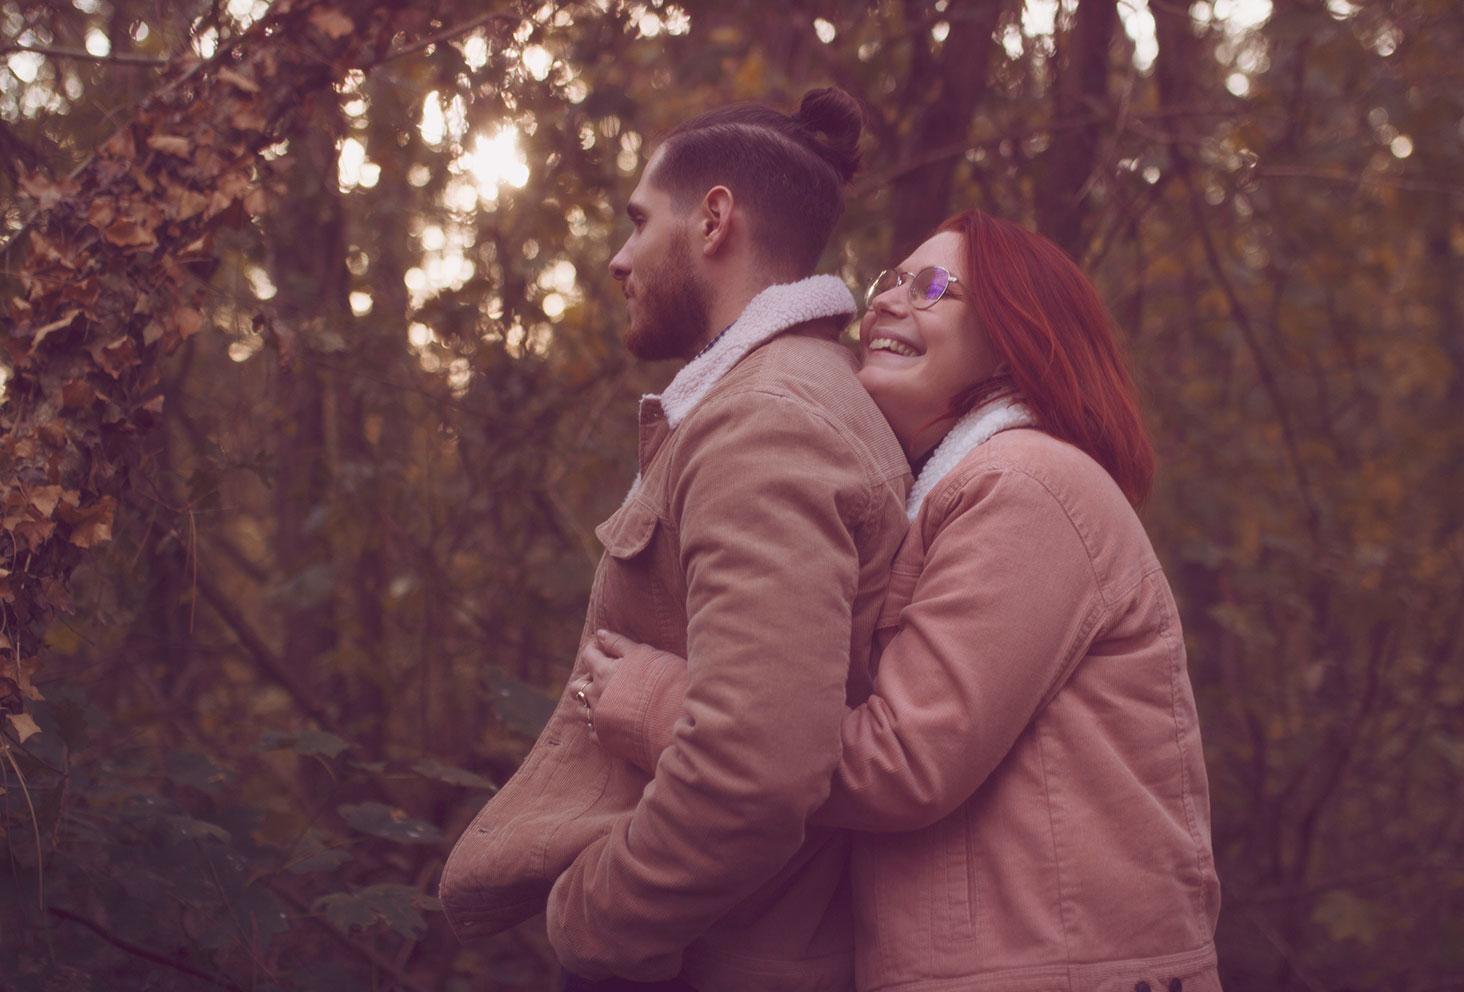 Câlin de couple au milieu de la forêt aux couleurs de l'automne, durant une séance photo amoureux